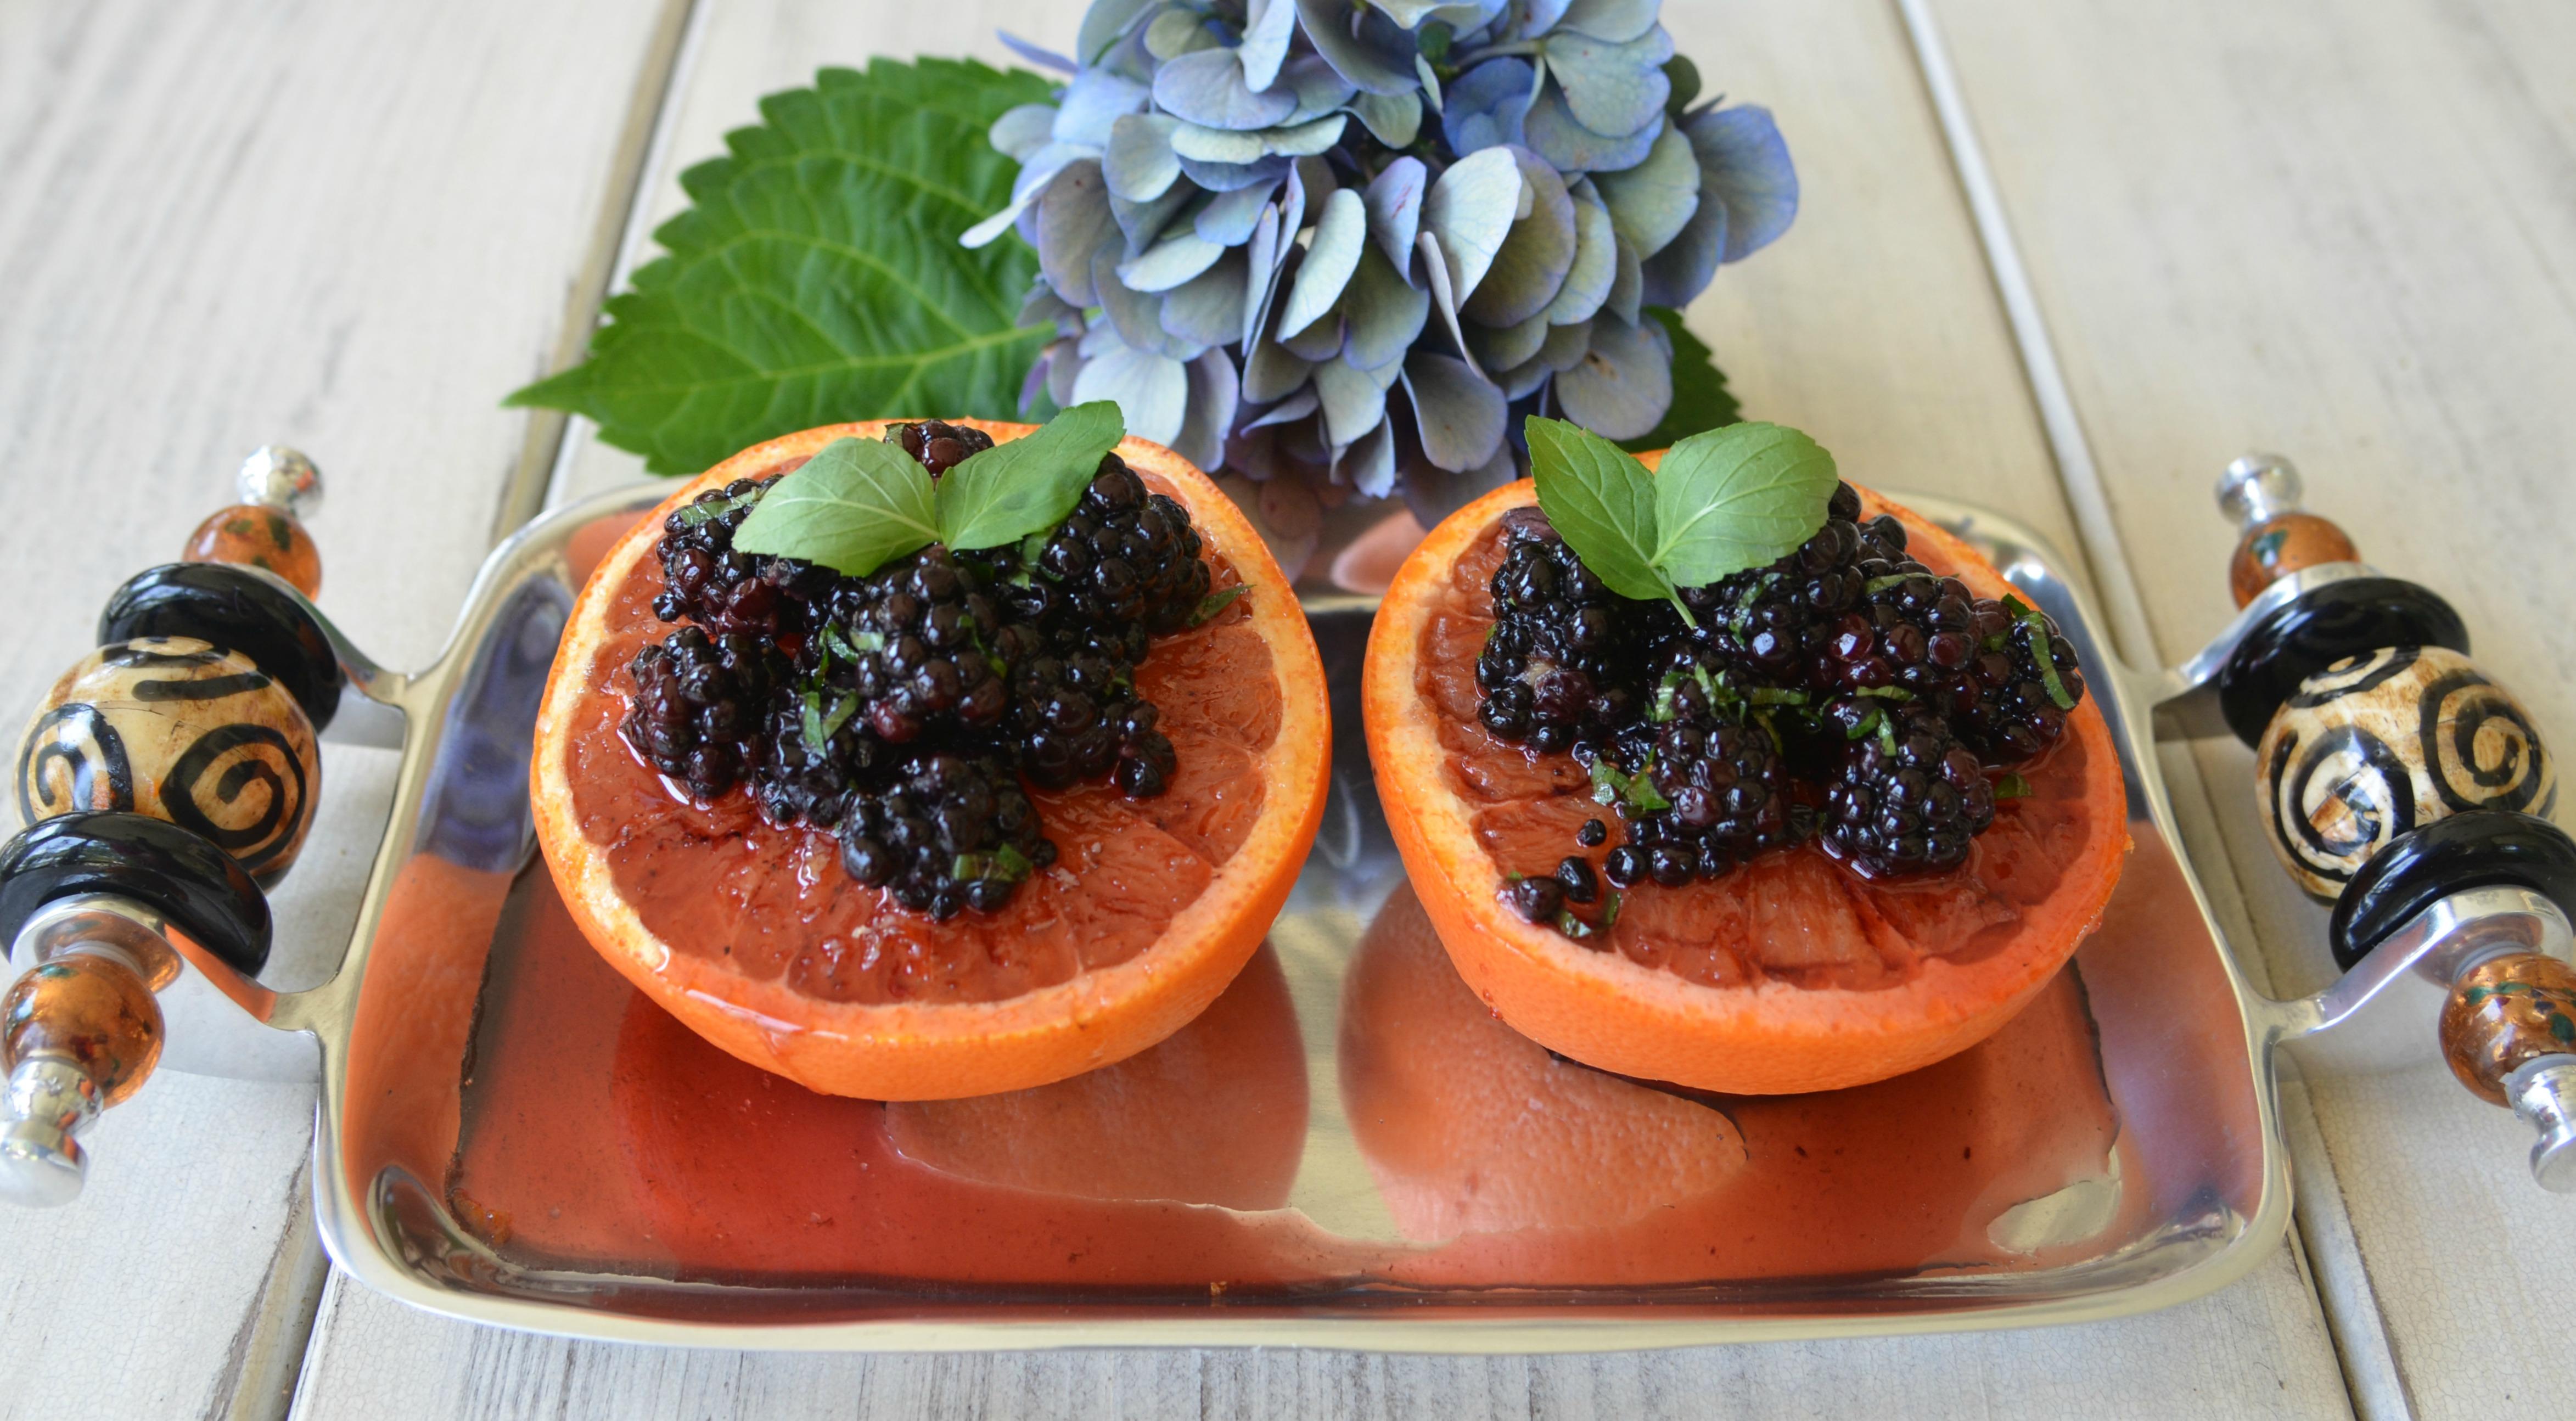 Blackberry Grapefruit Dejeuner pm